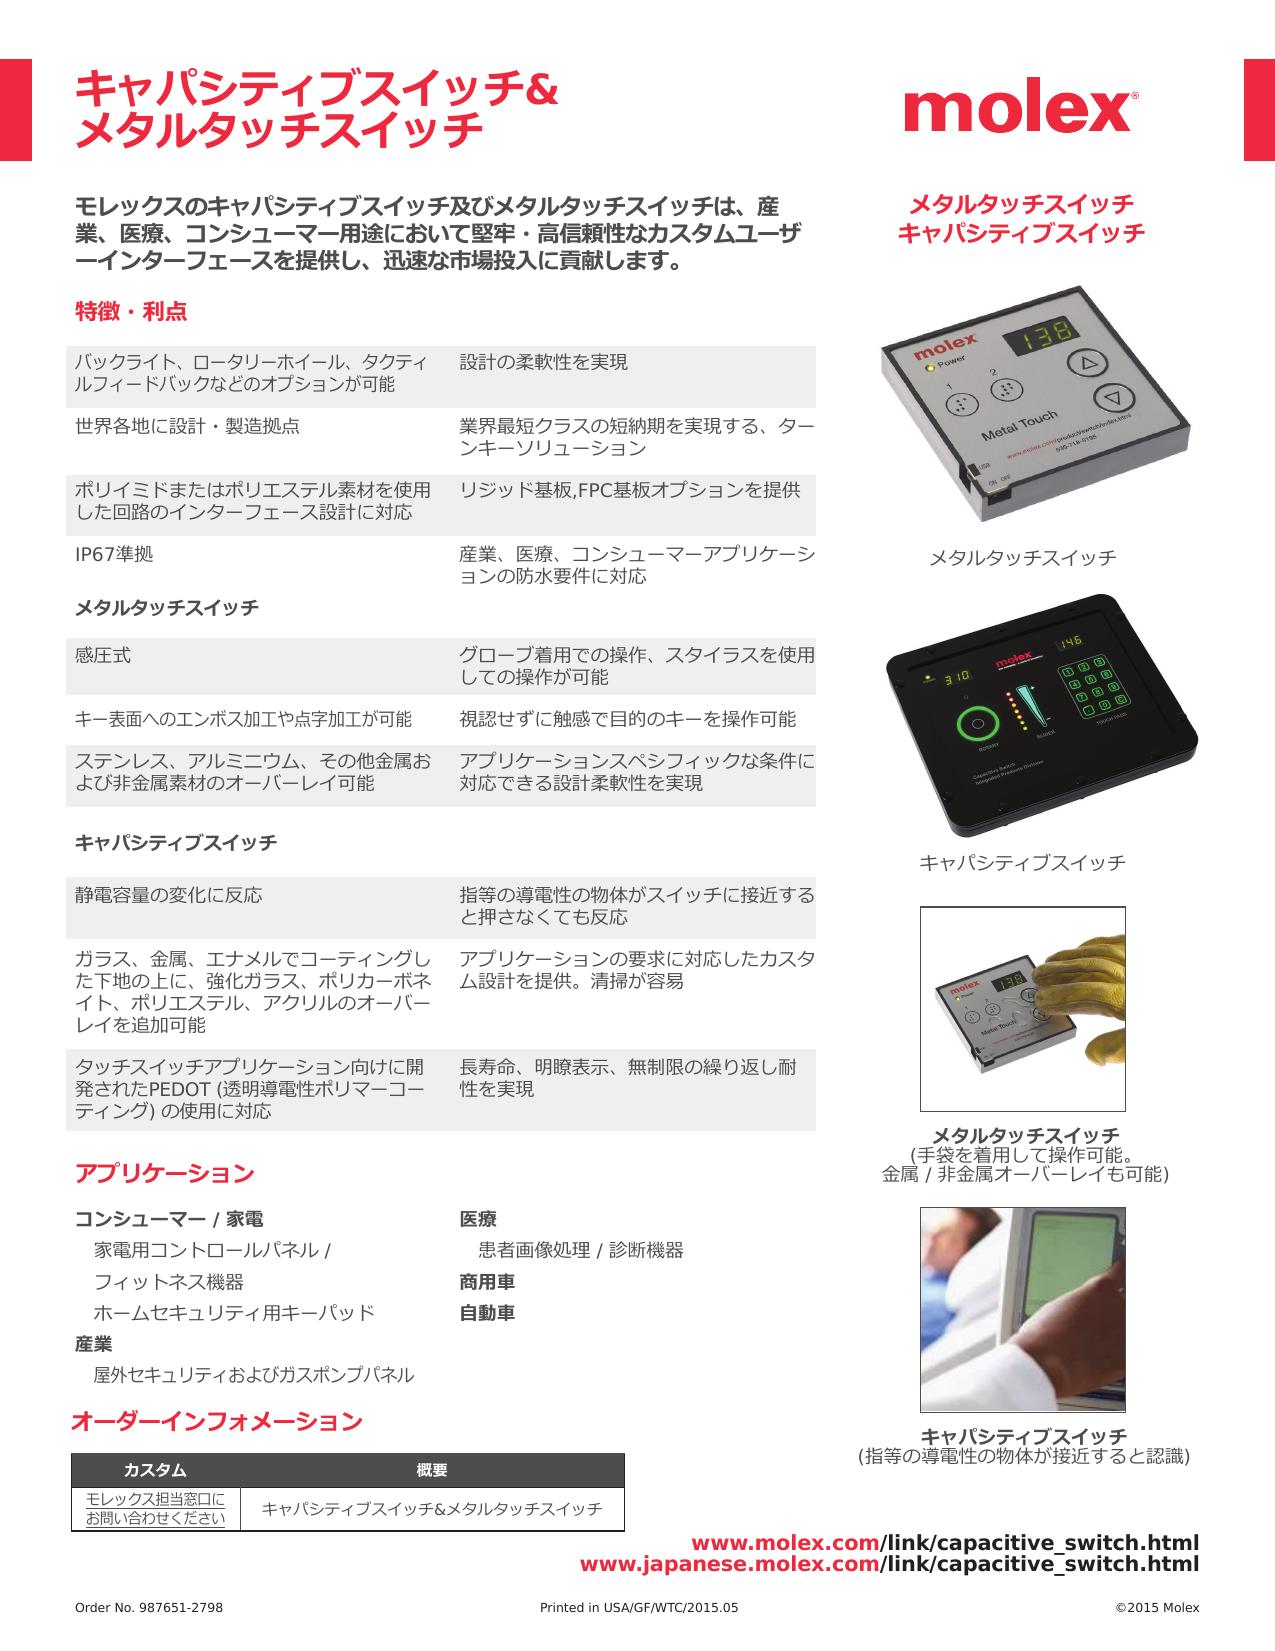 キャパシティブスイッチ&メタルタッチスイッチ